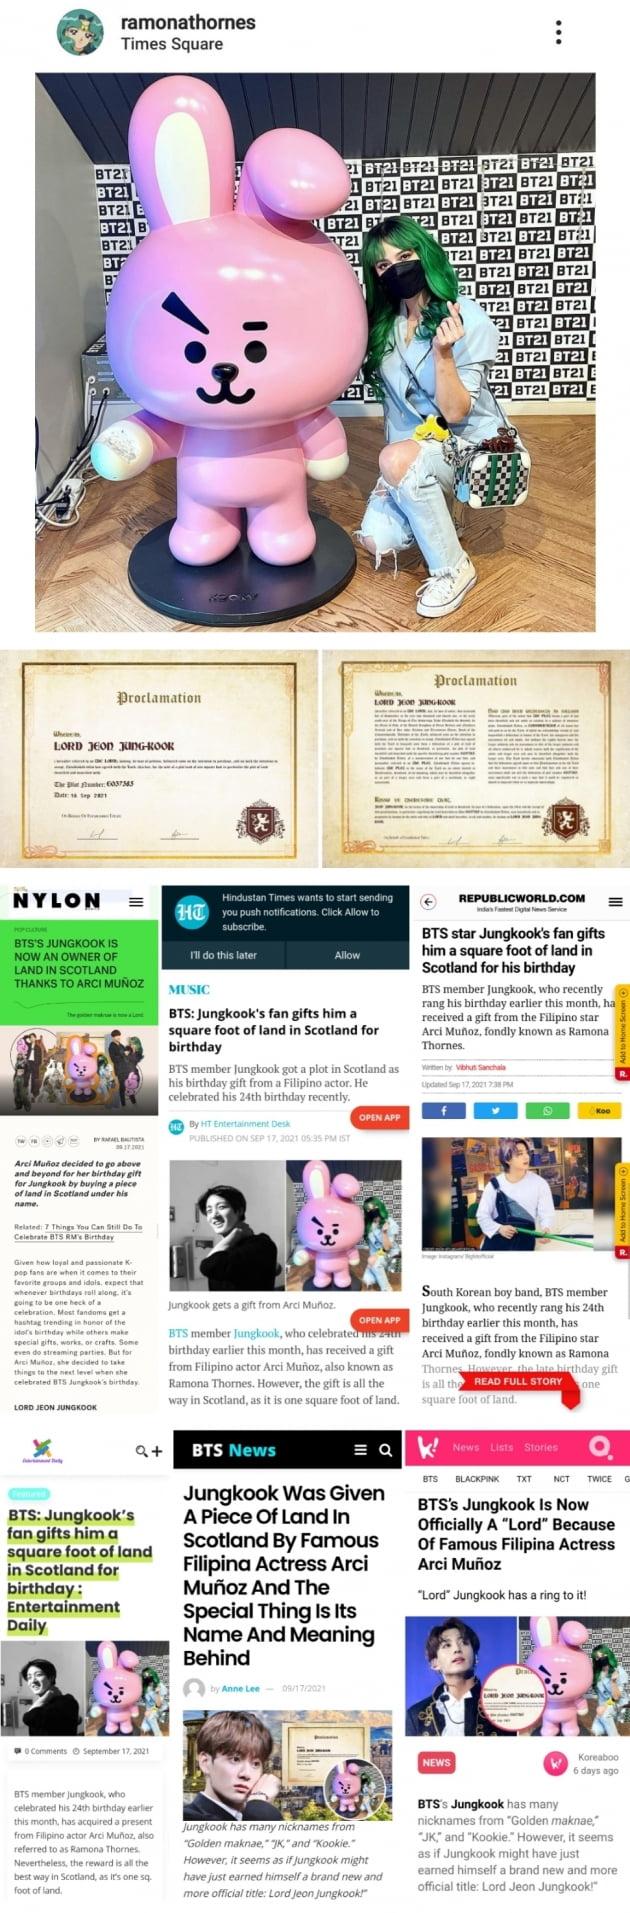 방탄소년단 정국 생일 기념, 필리핀 여배우 '영주 전정국' 스코틀랜드 토지 구매 증서 선물